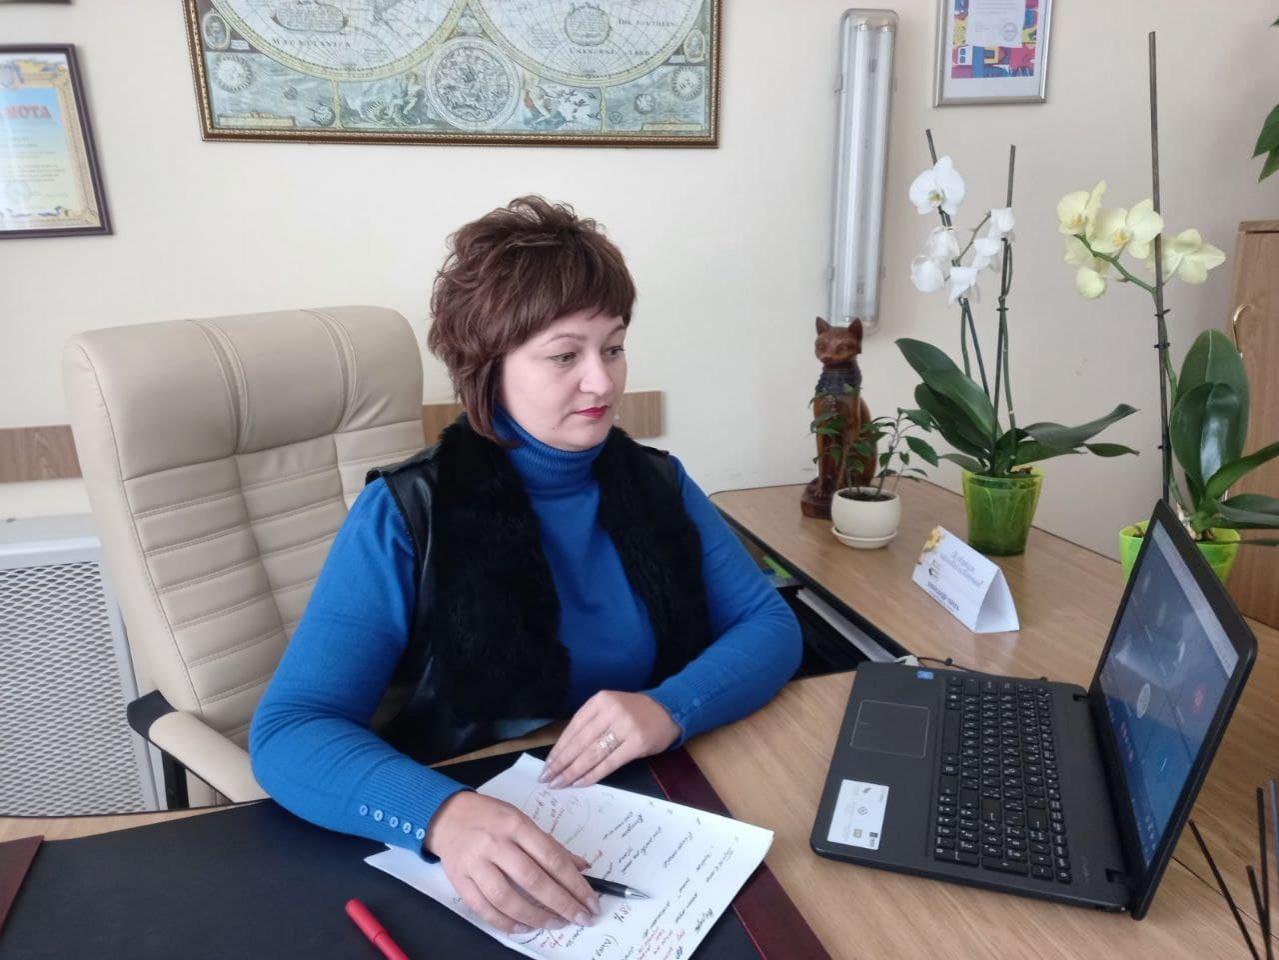 http://dunrada.gov.ua/uploadfile/archive_news/2021/10/13/2021-10-13_10000/images/images-6177.jpg